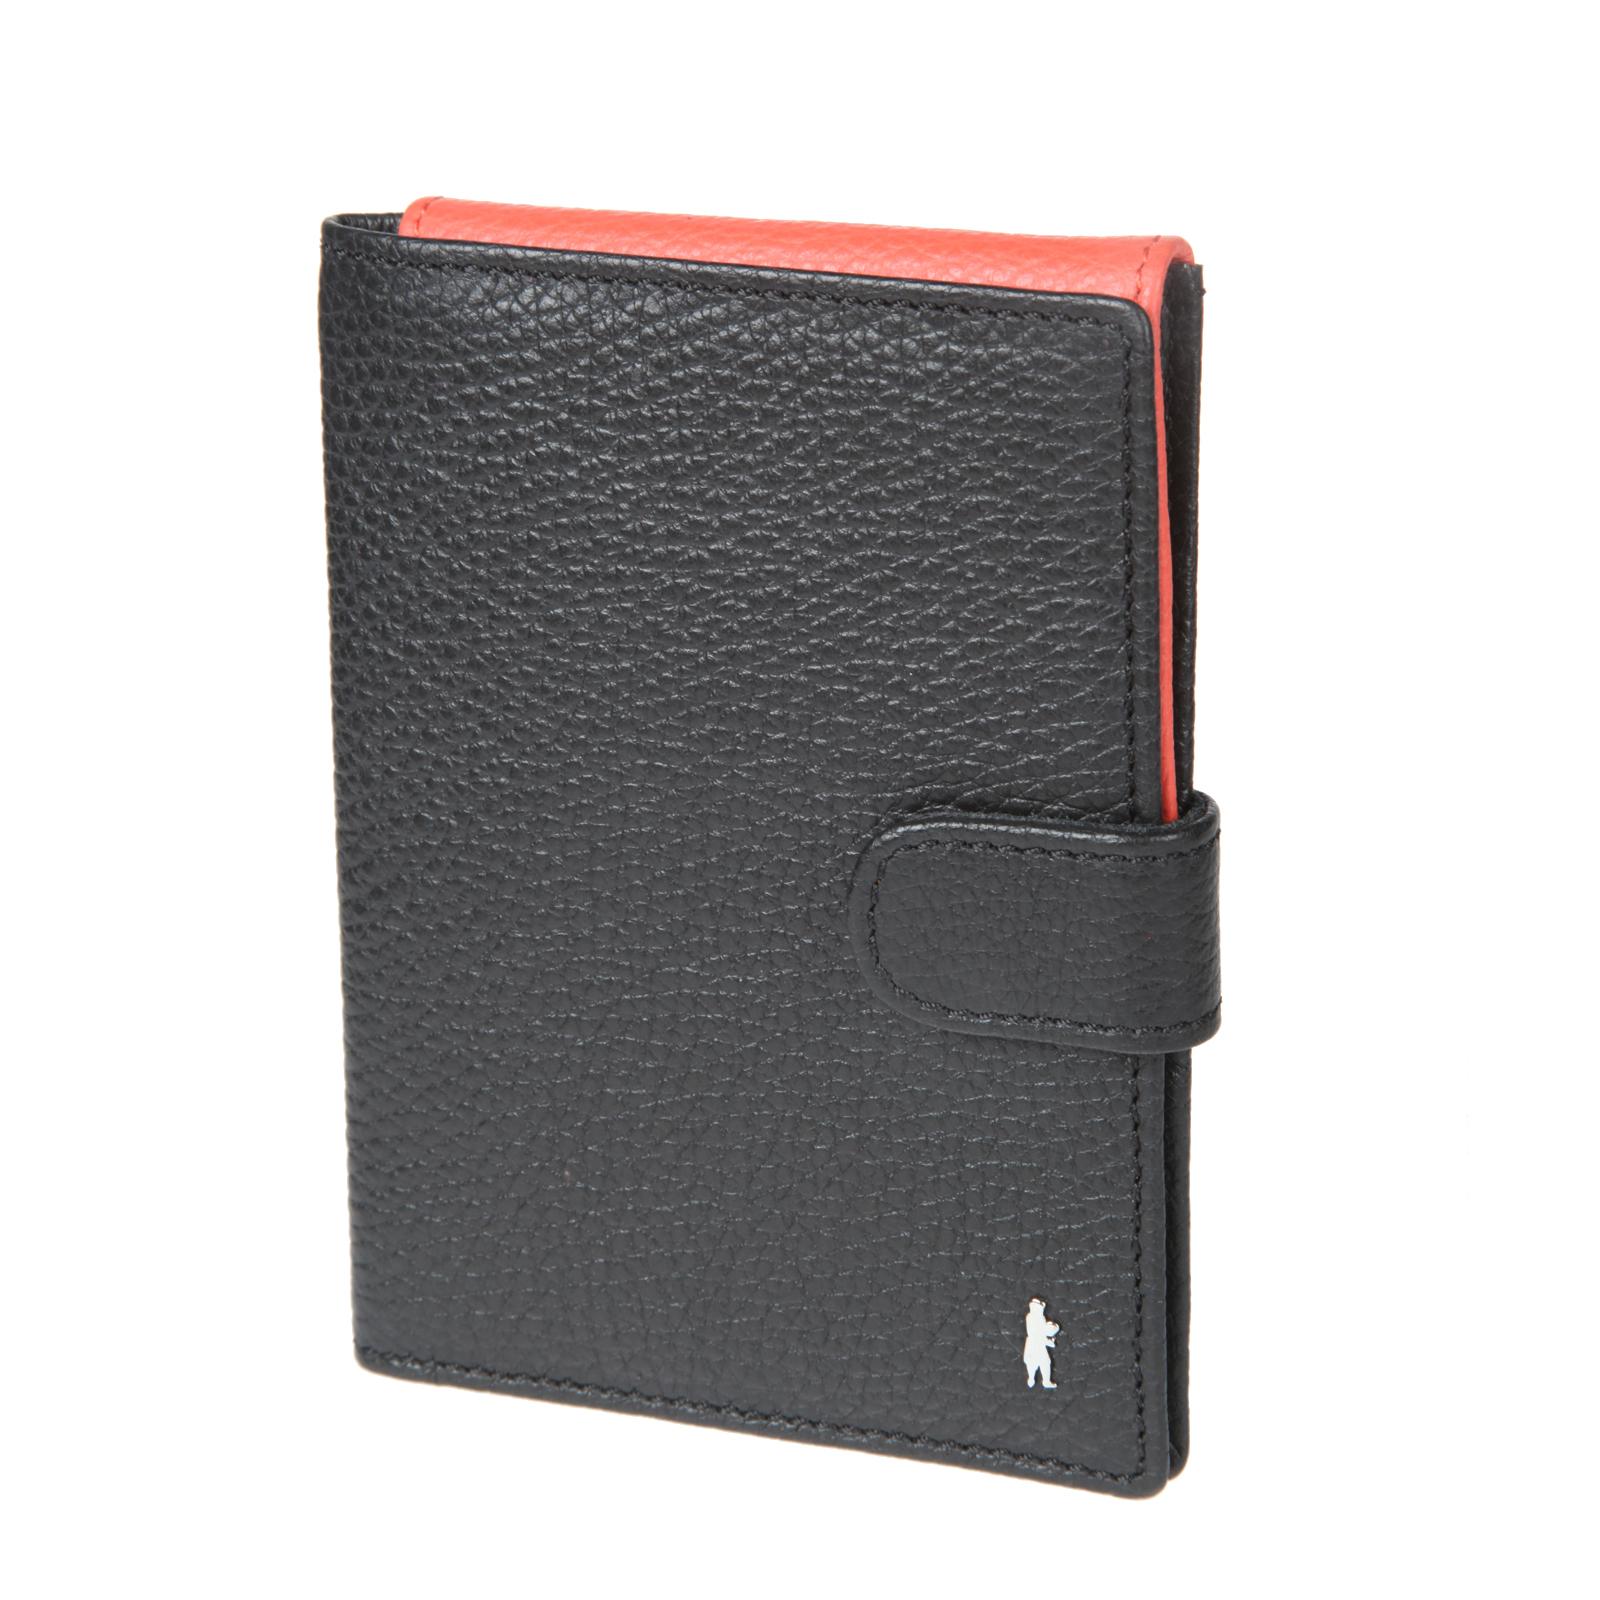 Обложка для паспорта с отделением для билетов Gianni Conti, цвет: черный, коралловый. 817489E Black817489E BlackСтильная обложка для паспорта с отделением для билетов Gianni Conti выполнена из натуральной кожи черного и кораллового цветов, которое закрывается хлястиком на кнопку. На внутреннем развороте расположено семь наборных кармашков для пластиковых карт и визиток, а также отделение для билетов. Такая обложка не только поможет сохранить внешний вид ваших документов и защитит их от повреждений, но и станет ярким аксессуаром, который подчеркнет ваш образ. Обложка упакована в подарочную картонную коробку черного цвета с логотипом фирмы.